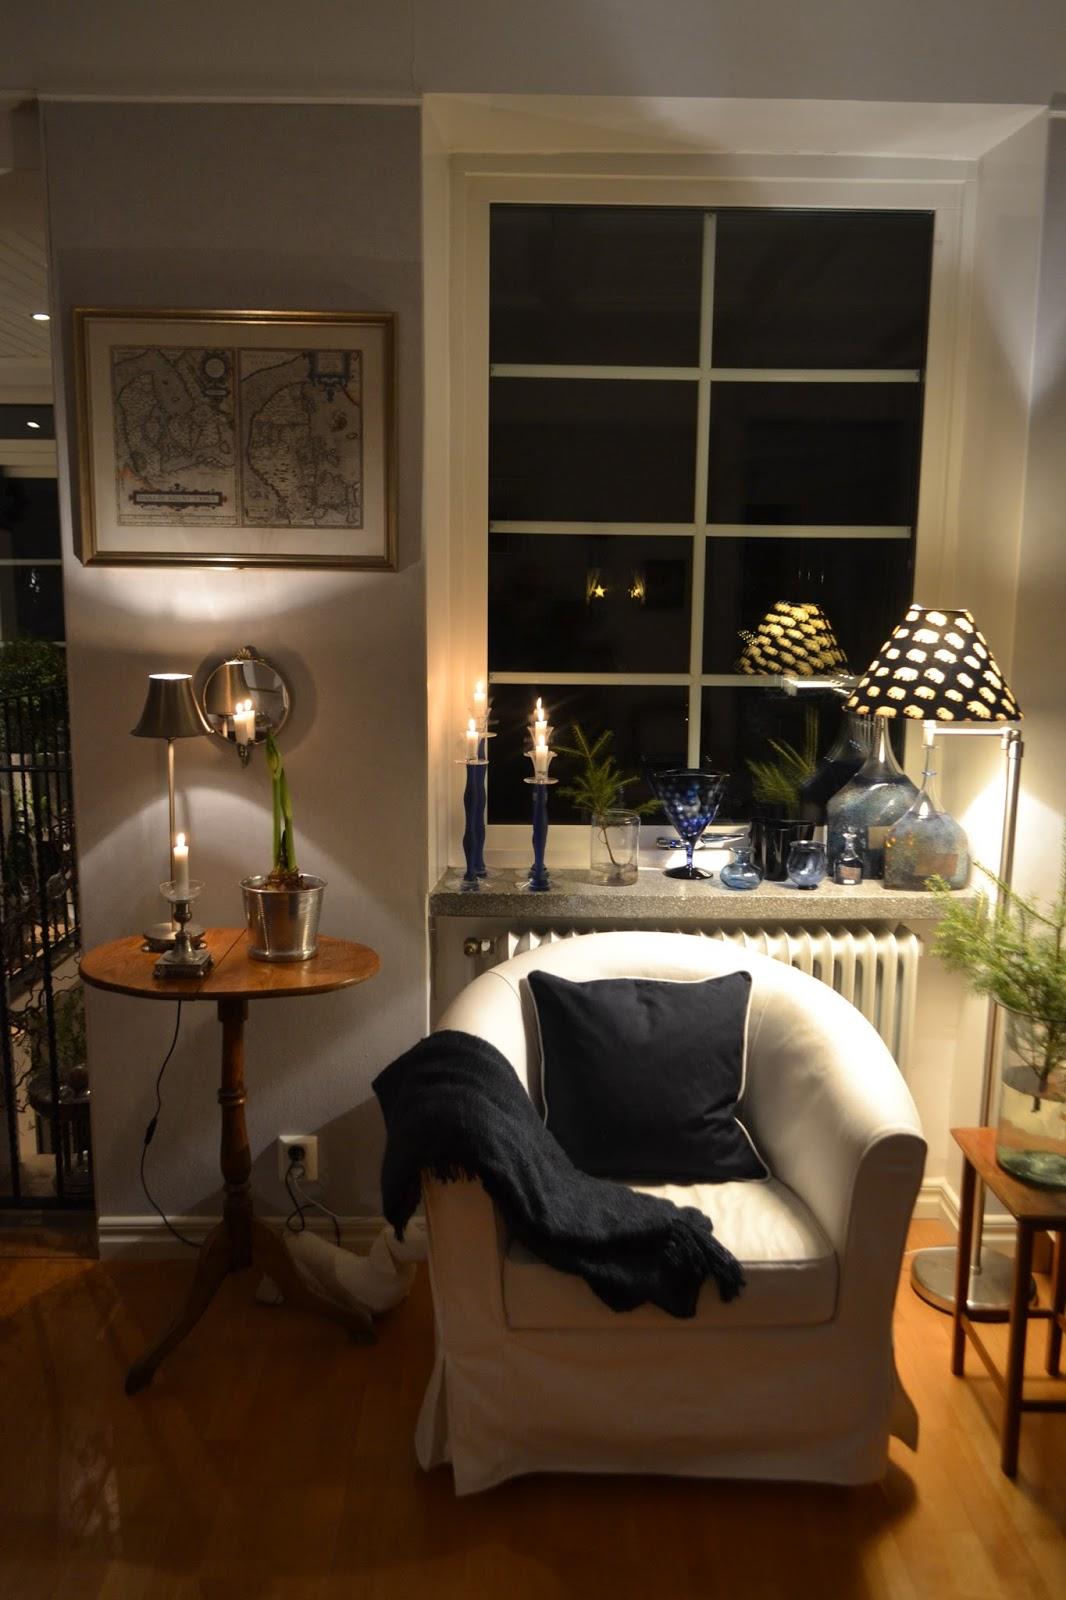 rignellskans ljuva hem. . .: Några kvällsbilder från vardagsrummet.